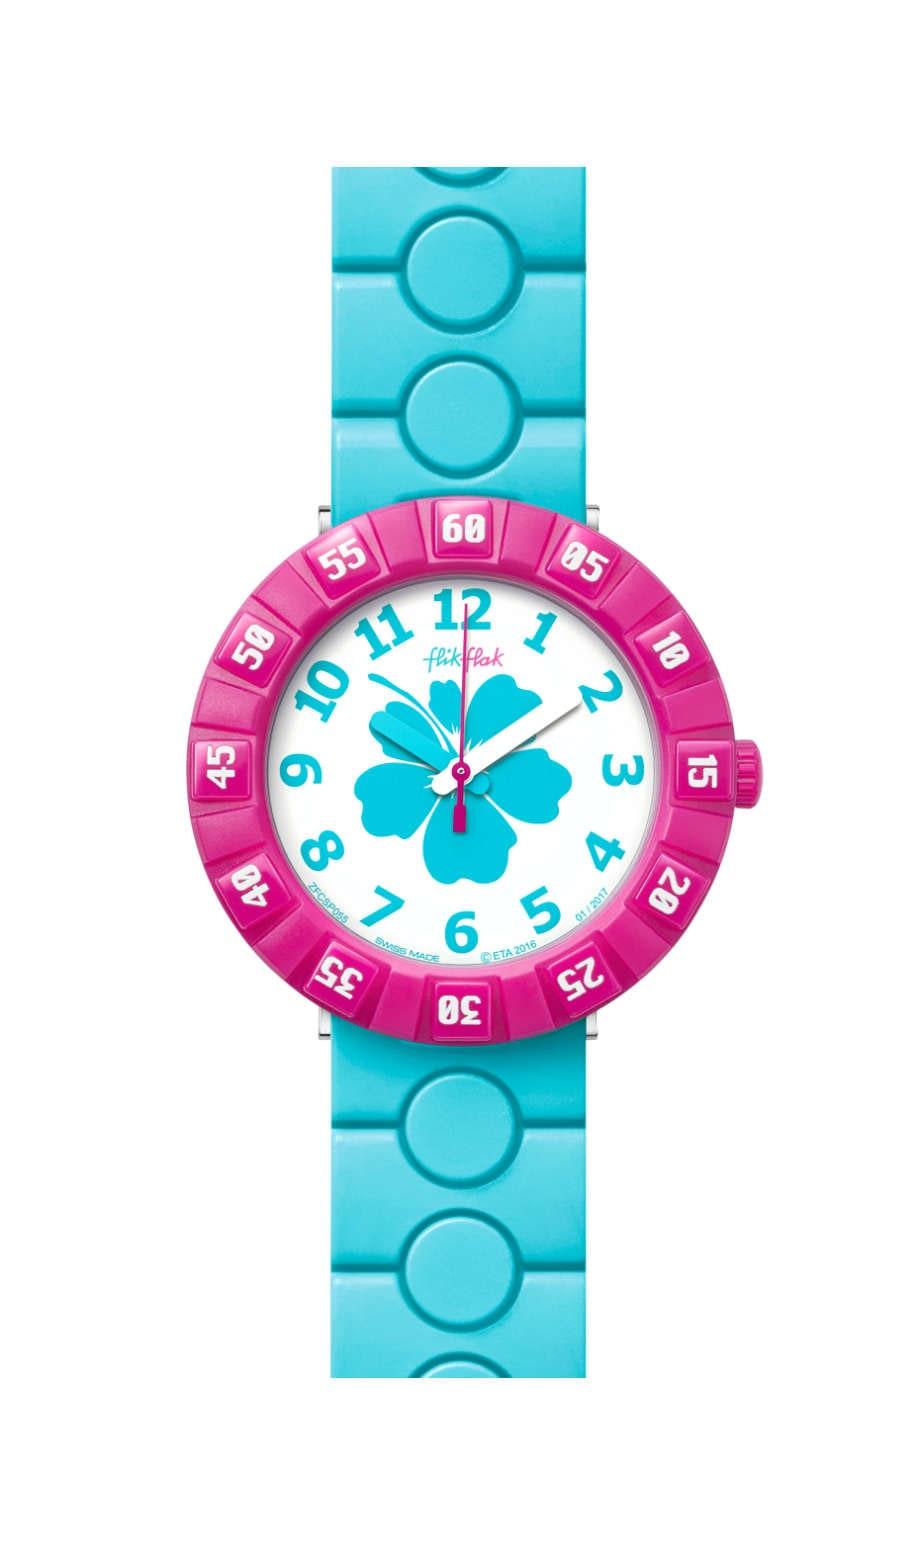 Swatch - HULALA - 1